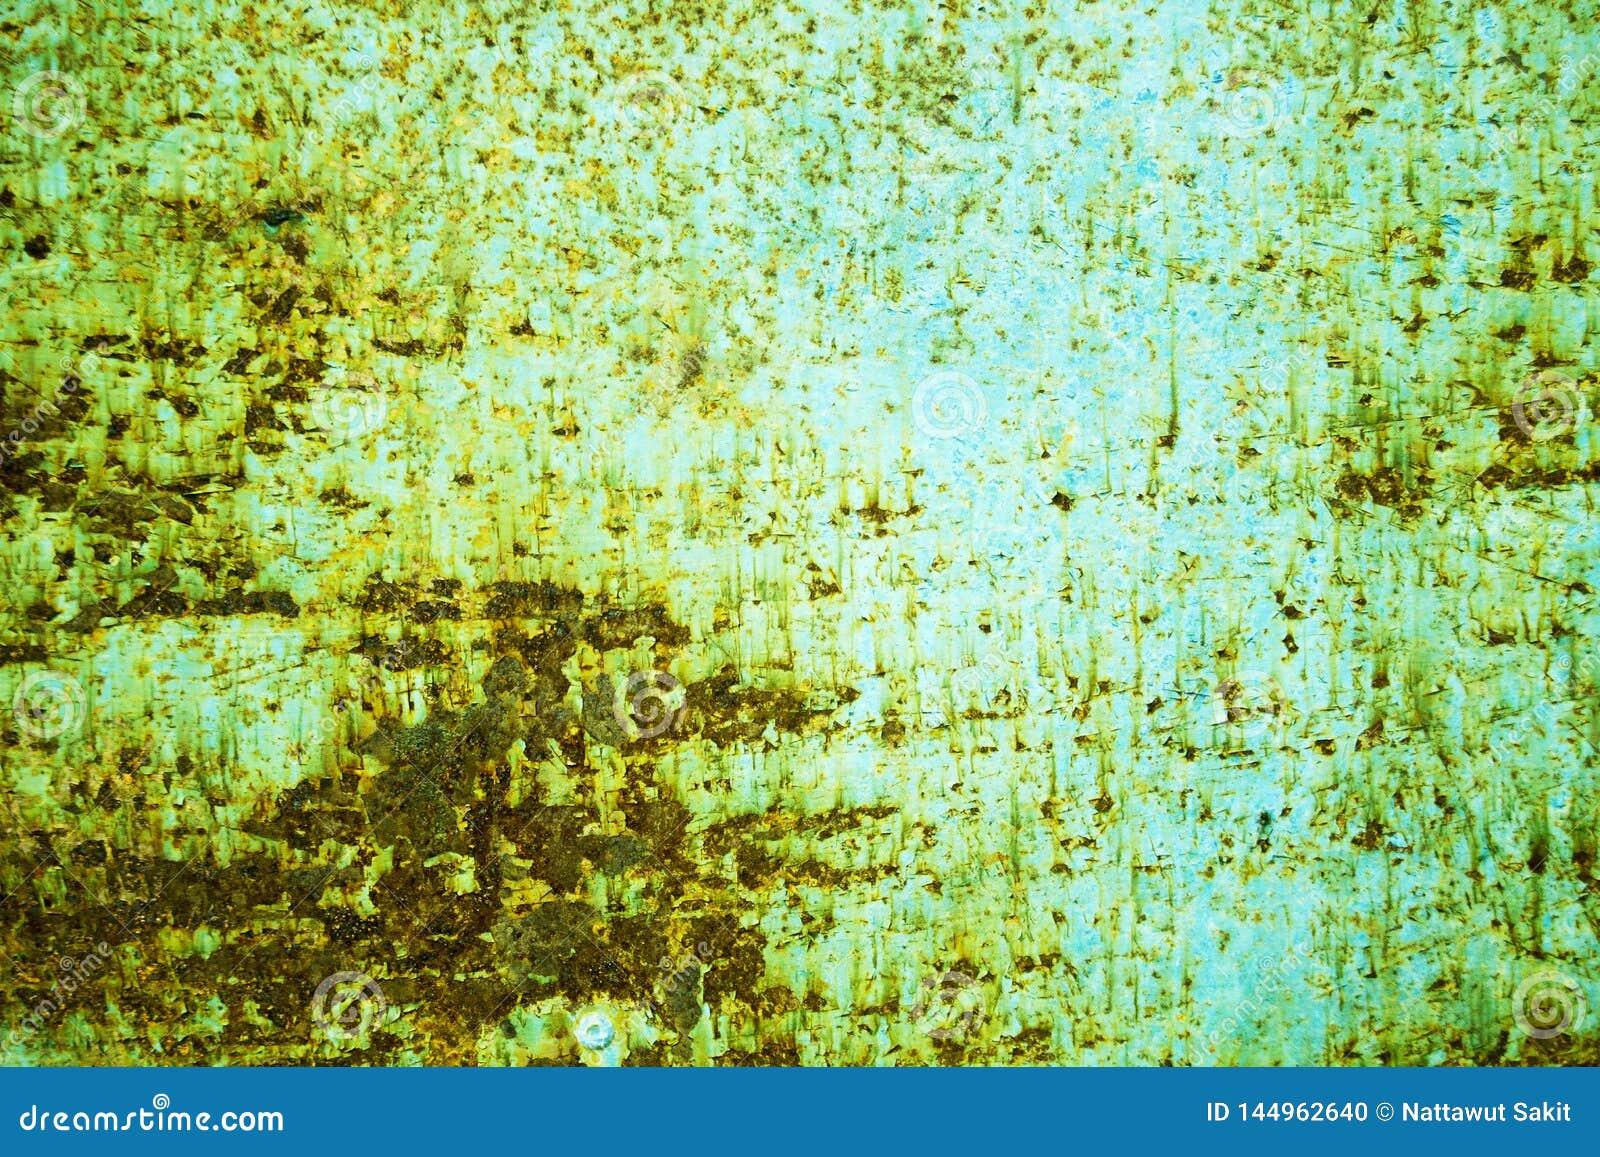 在蓝色钢板的铁锈背景图形设计的